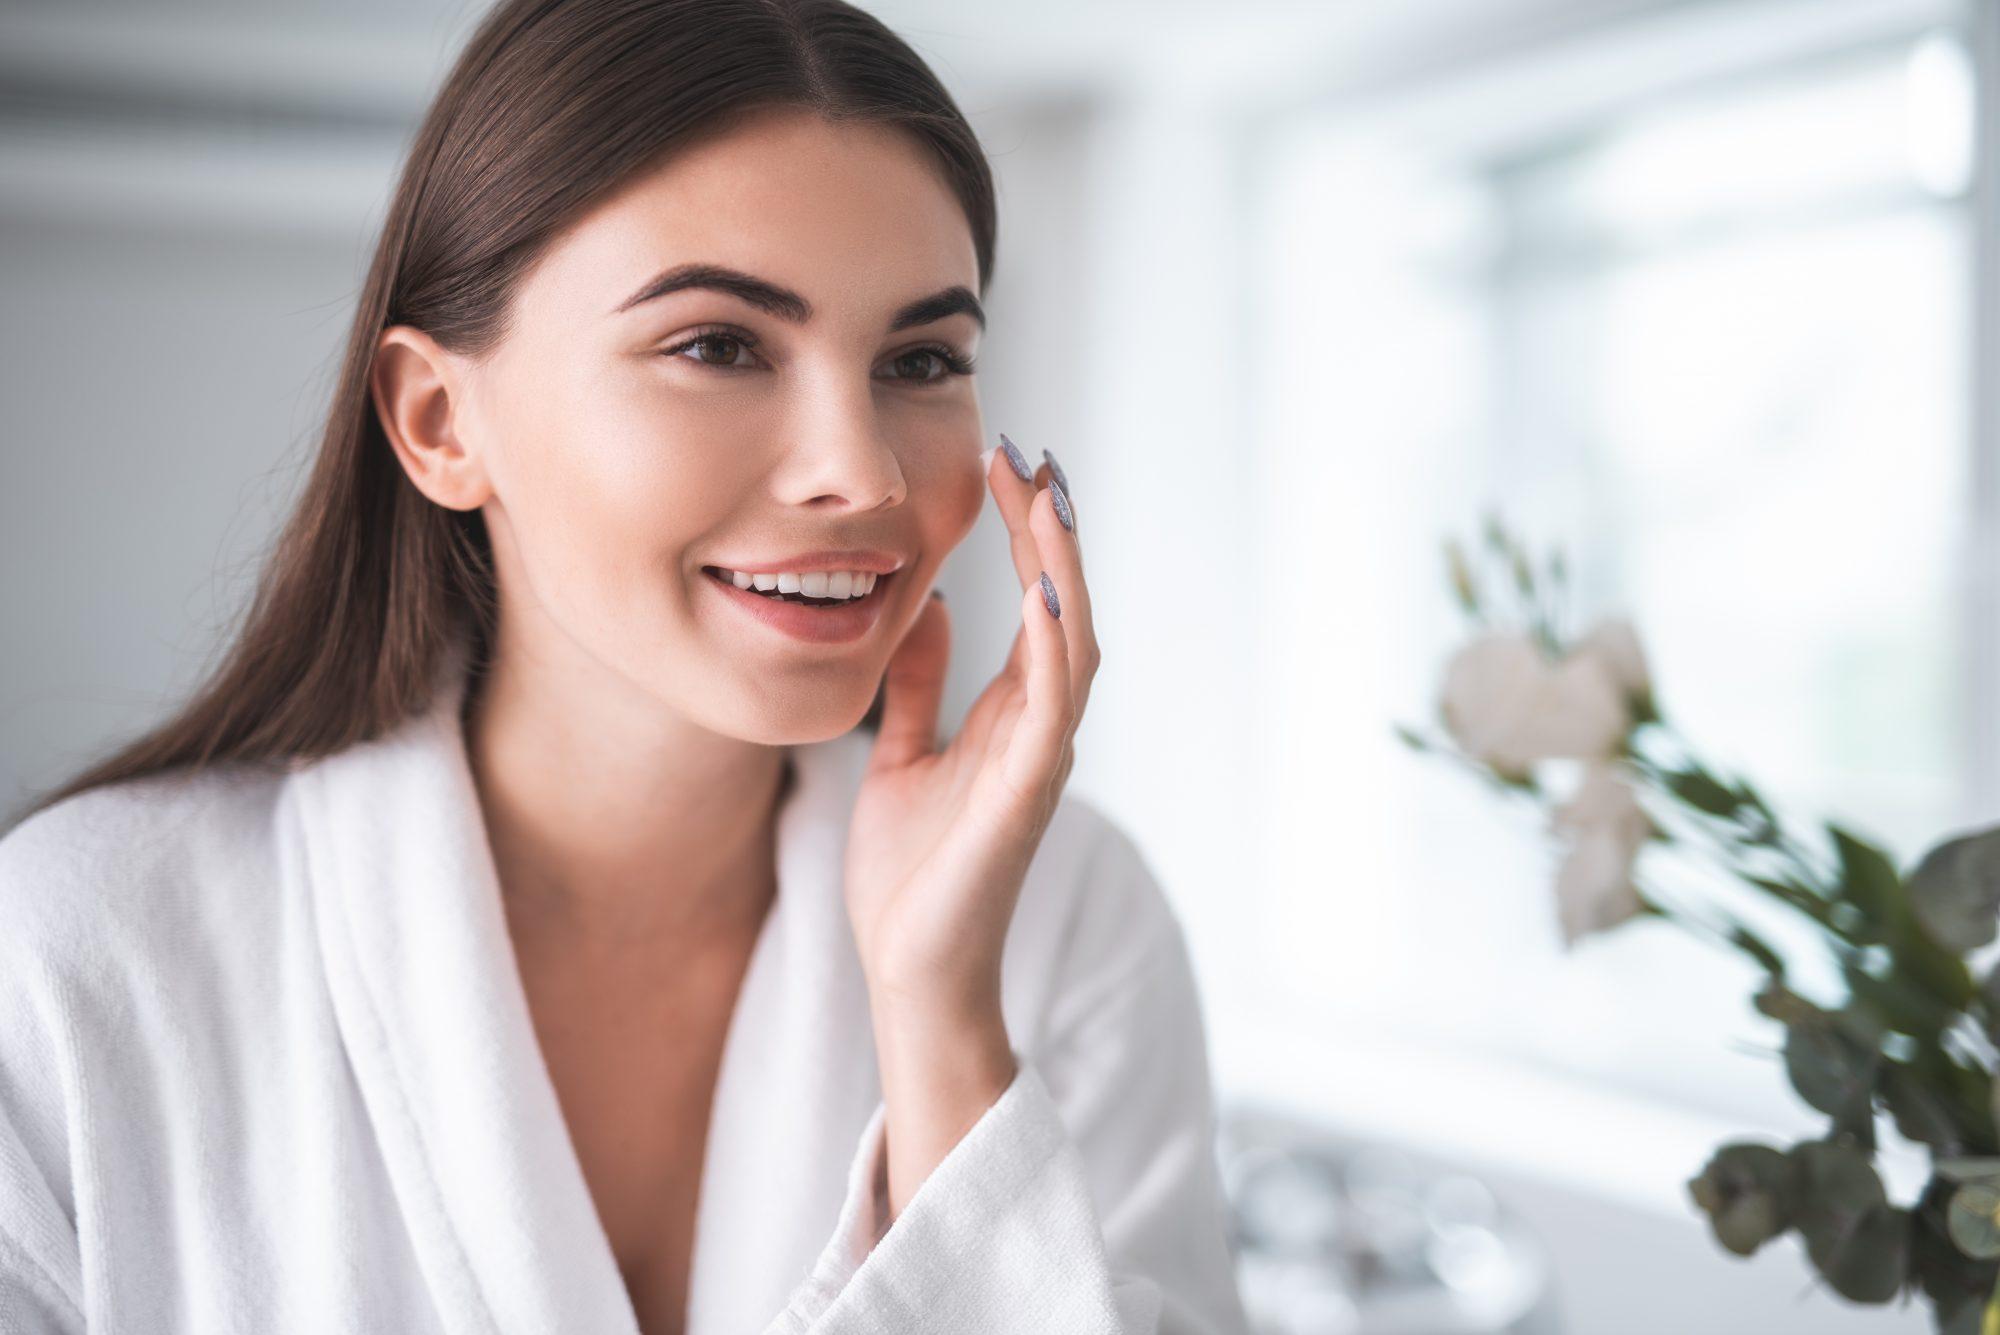 Cómo crear la rutina de belleza perfecta para tu tipo de piel